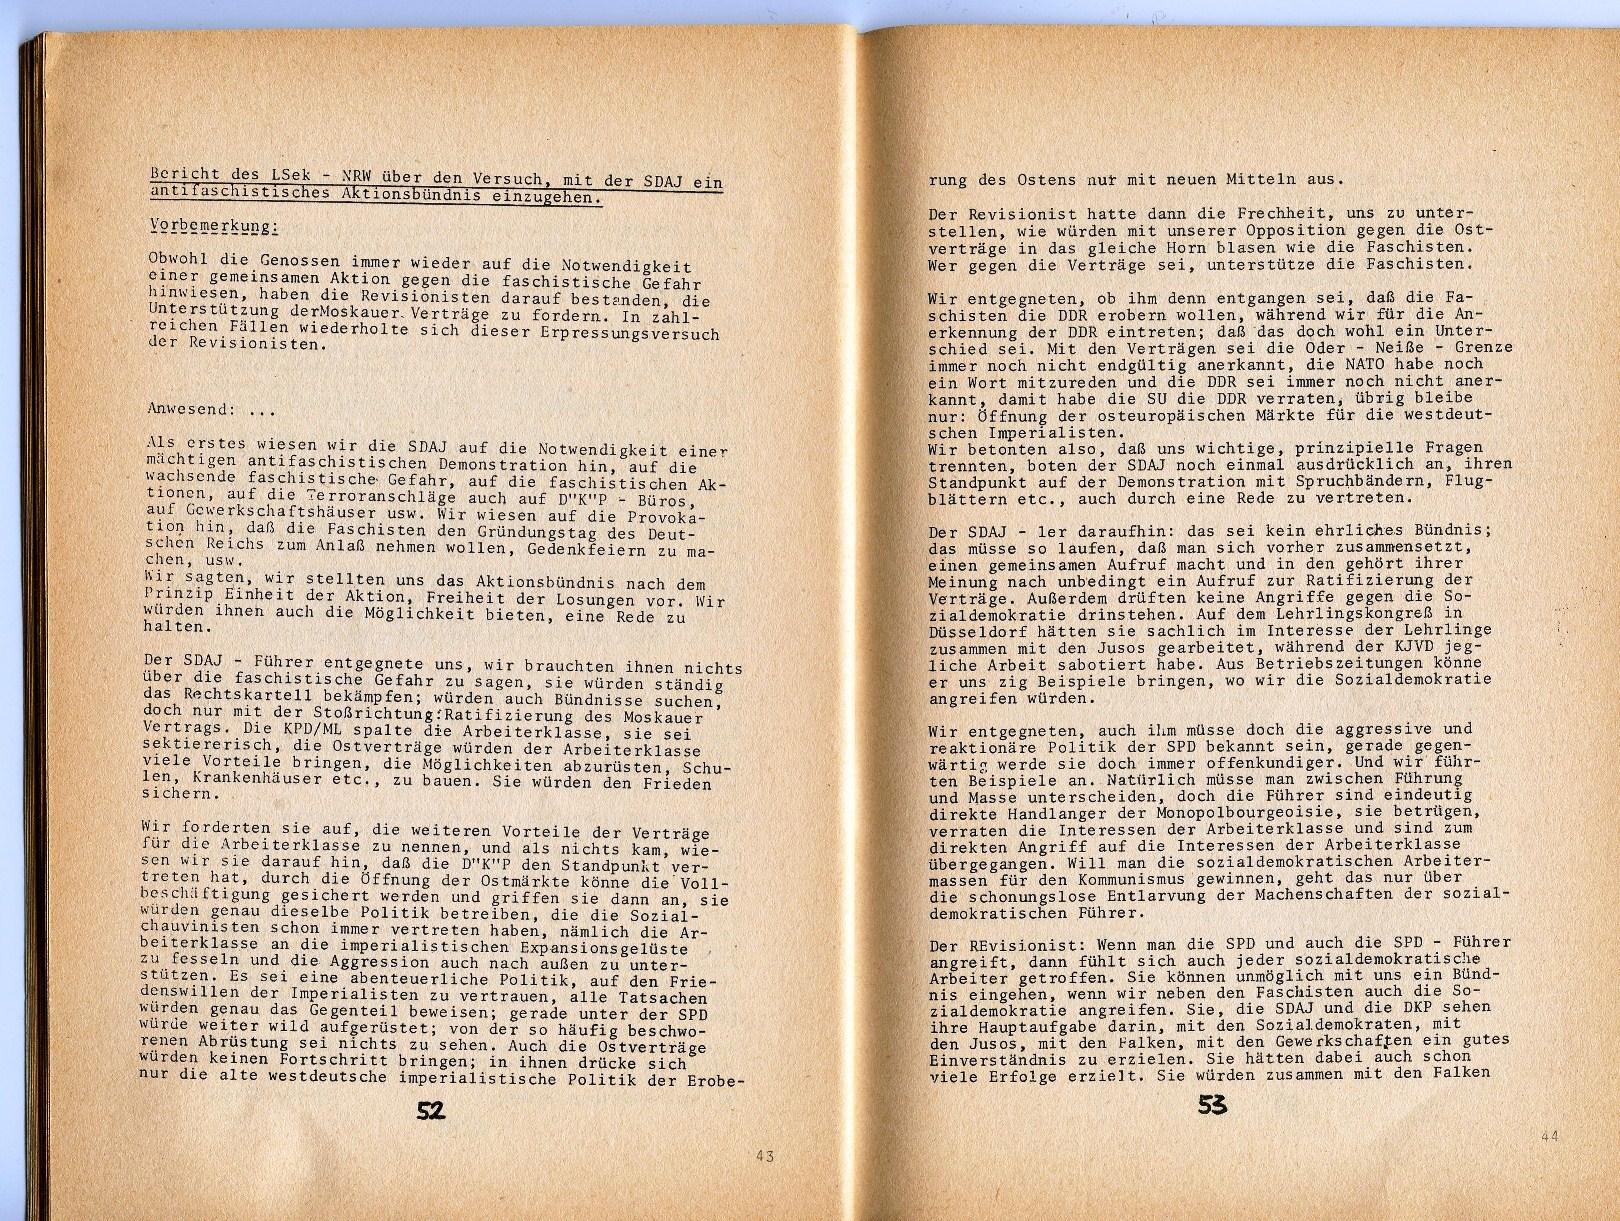 ZB_Parteiarbeiter_1971_Sondernummer_28